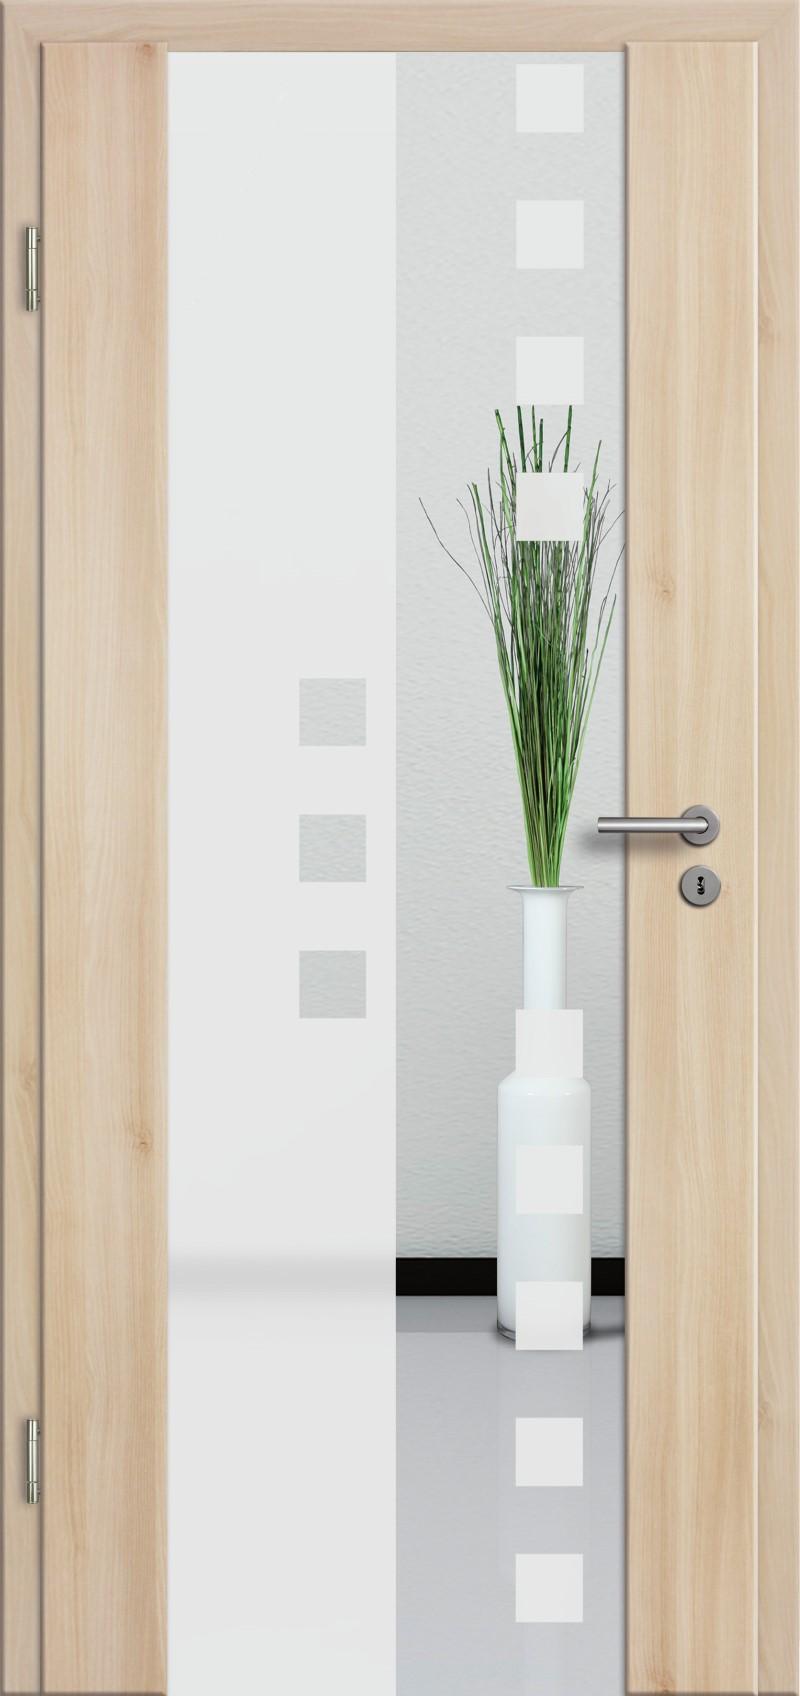 holzglast r mit glasmotiv sand 8 cpl. Black Bedroom Furniture Sets. Home Design Ideas